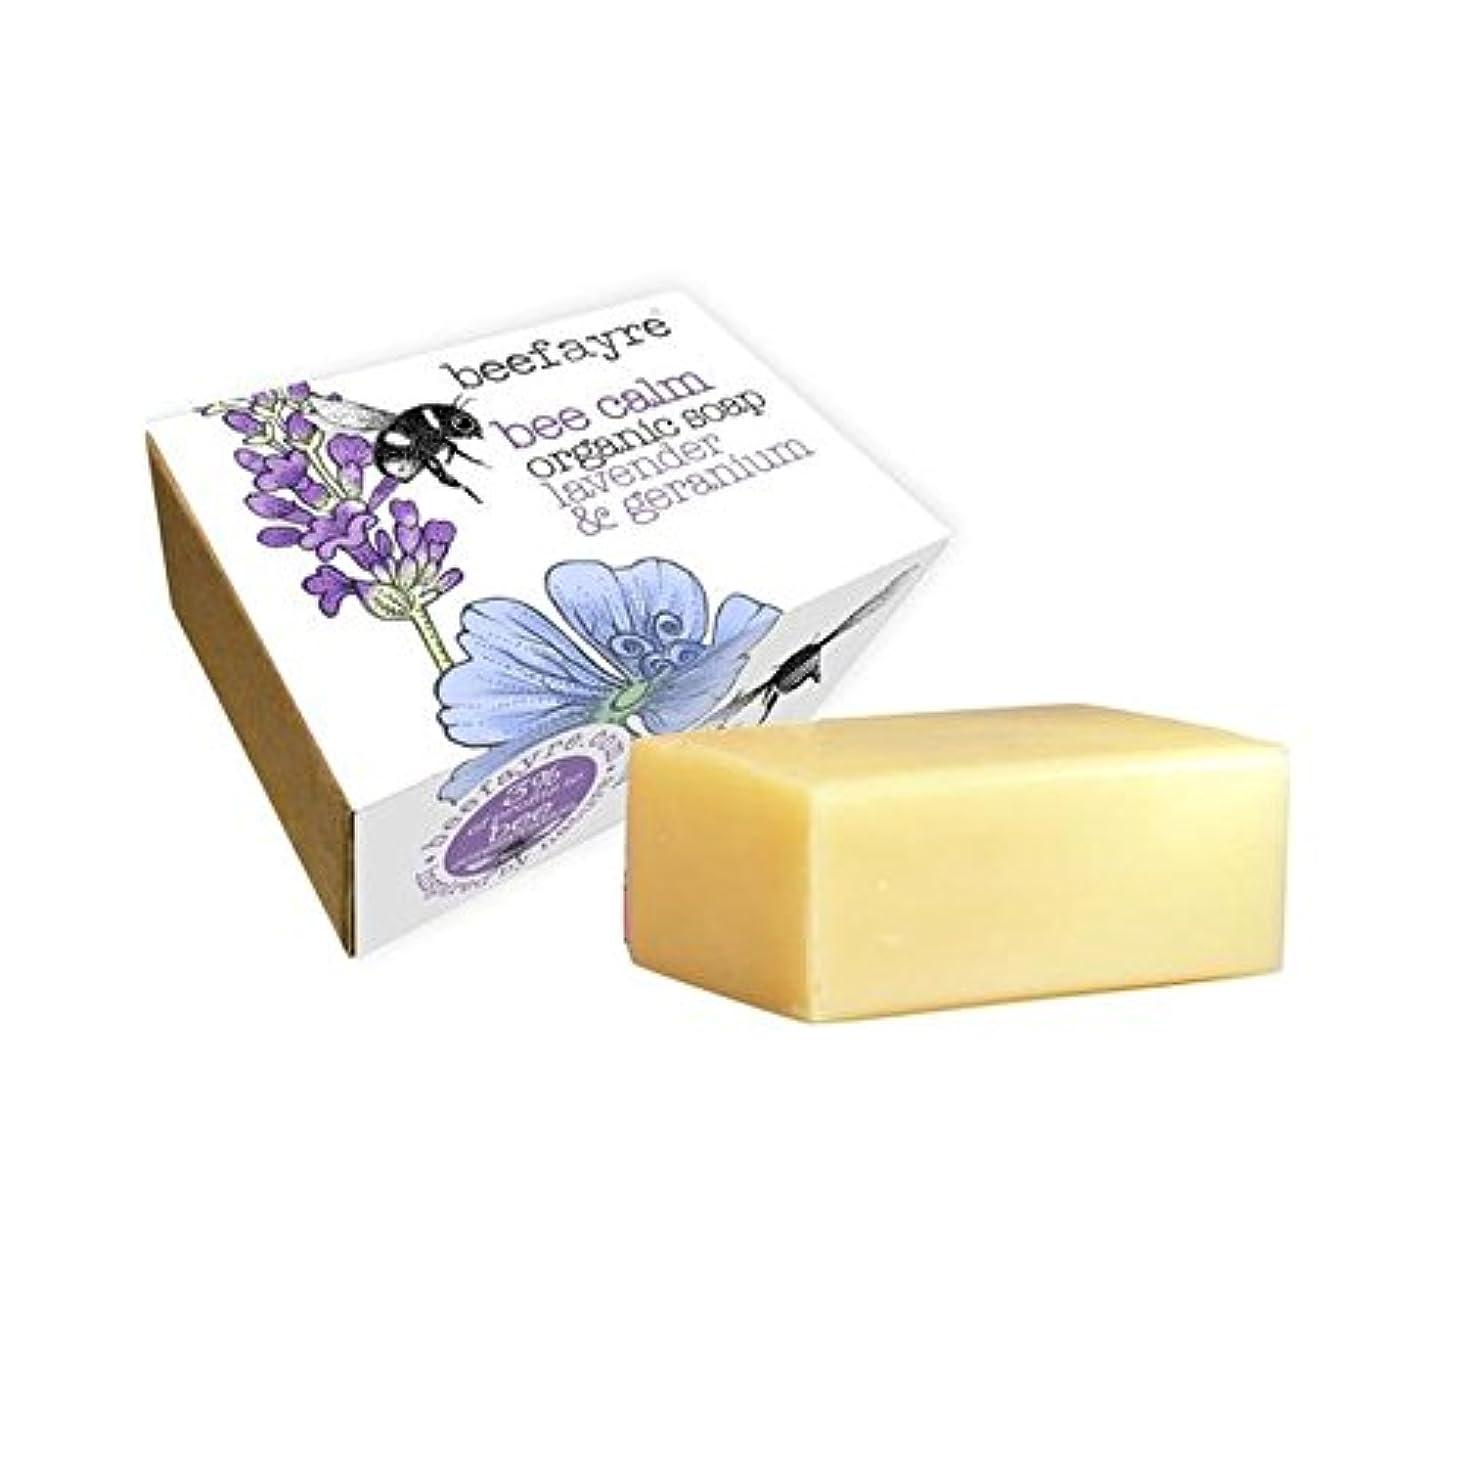 ソート時代遅れ白雪姫有機ゼラニウム&ラベンダー石鹸 x2 - Beefayre Organic Geranium & Lavender Soap (Pack of 2) [並行輸入品]